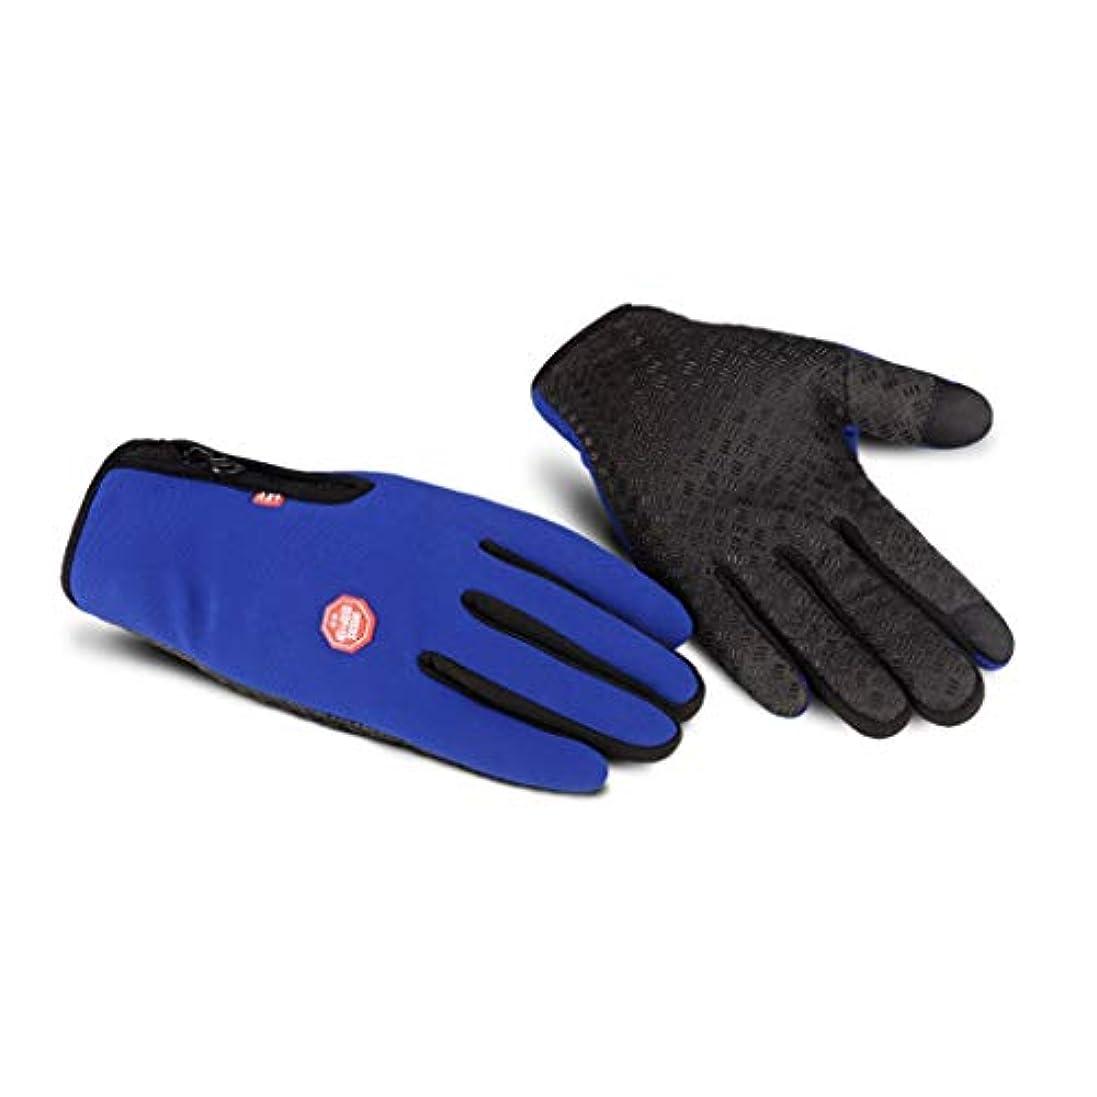 不健全お願いしますゴールデン手袋の男性の秋と冬の自転車電動バイクの女性のタッチスクリーンはすべて防風ノンスリップ暖かいコールドプラスベルベット弾性手袋ワンサイズ青